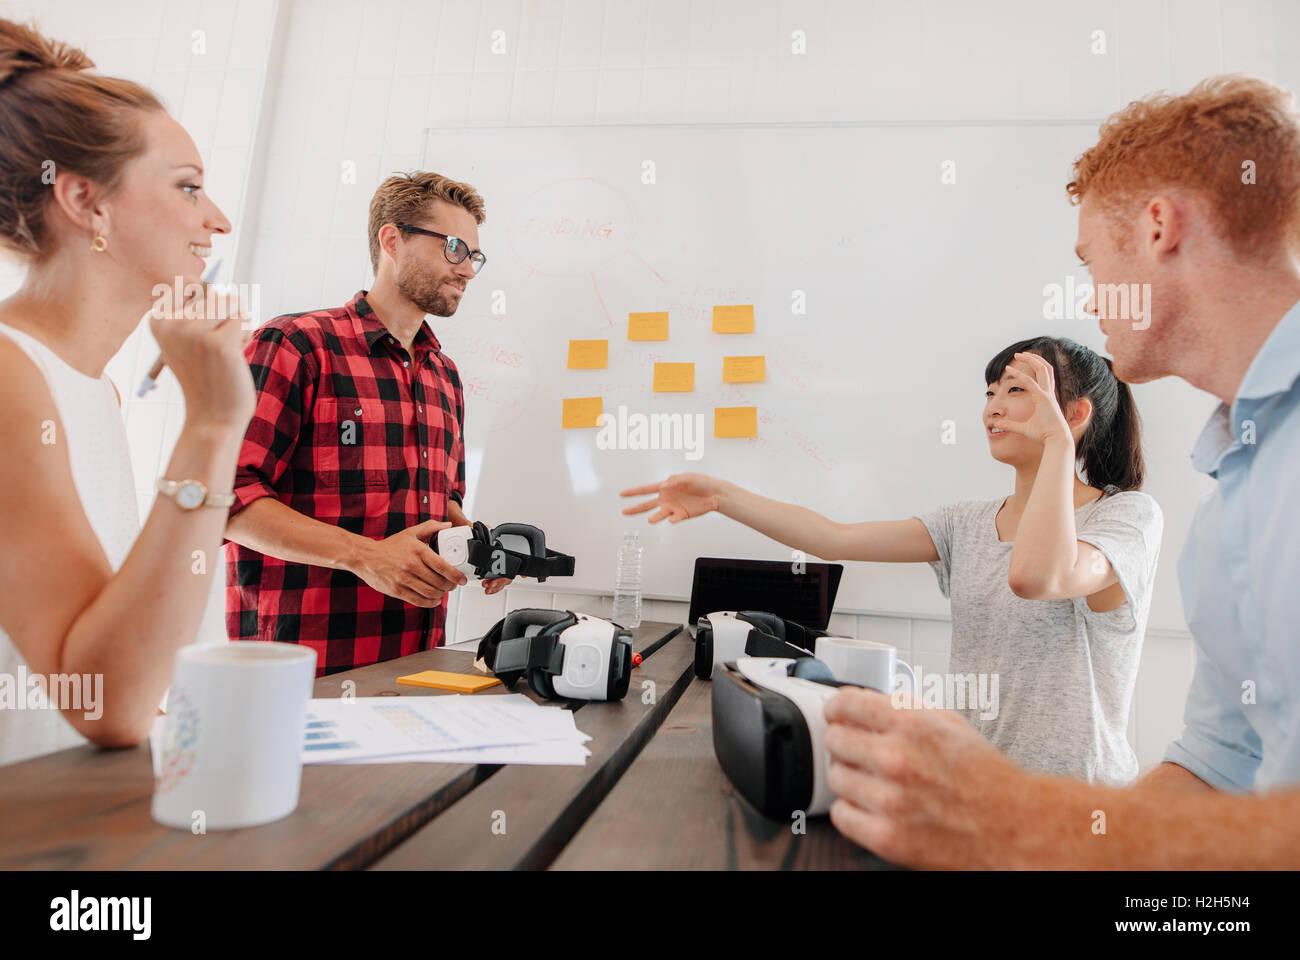 Schuss Gruppe von vielfältigen Business Leute diskutieren virtual Reality-Technologie im Tagungsraum. Entwickler, Stockbild